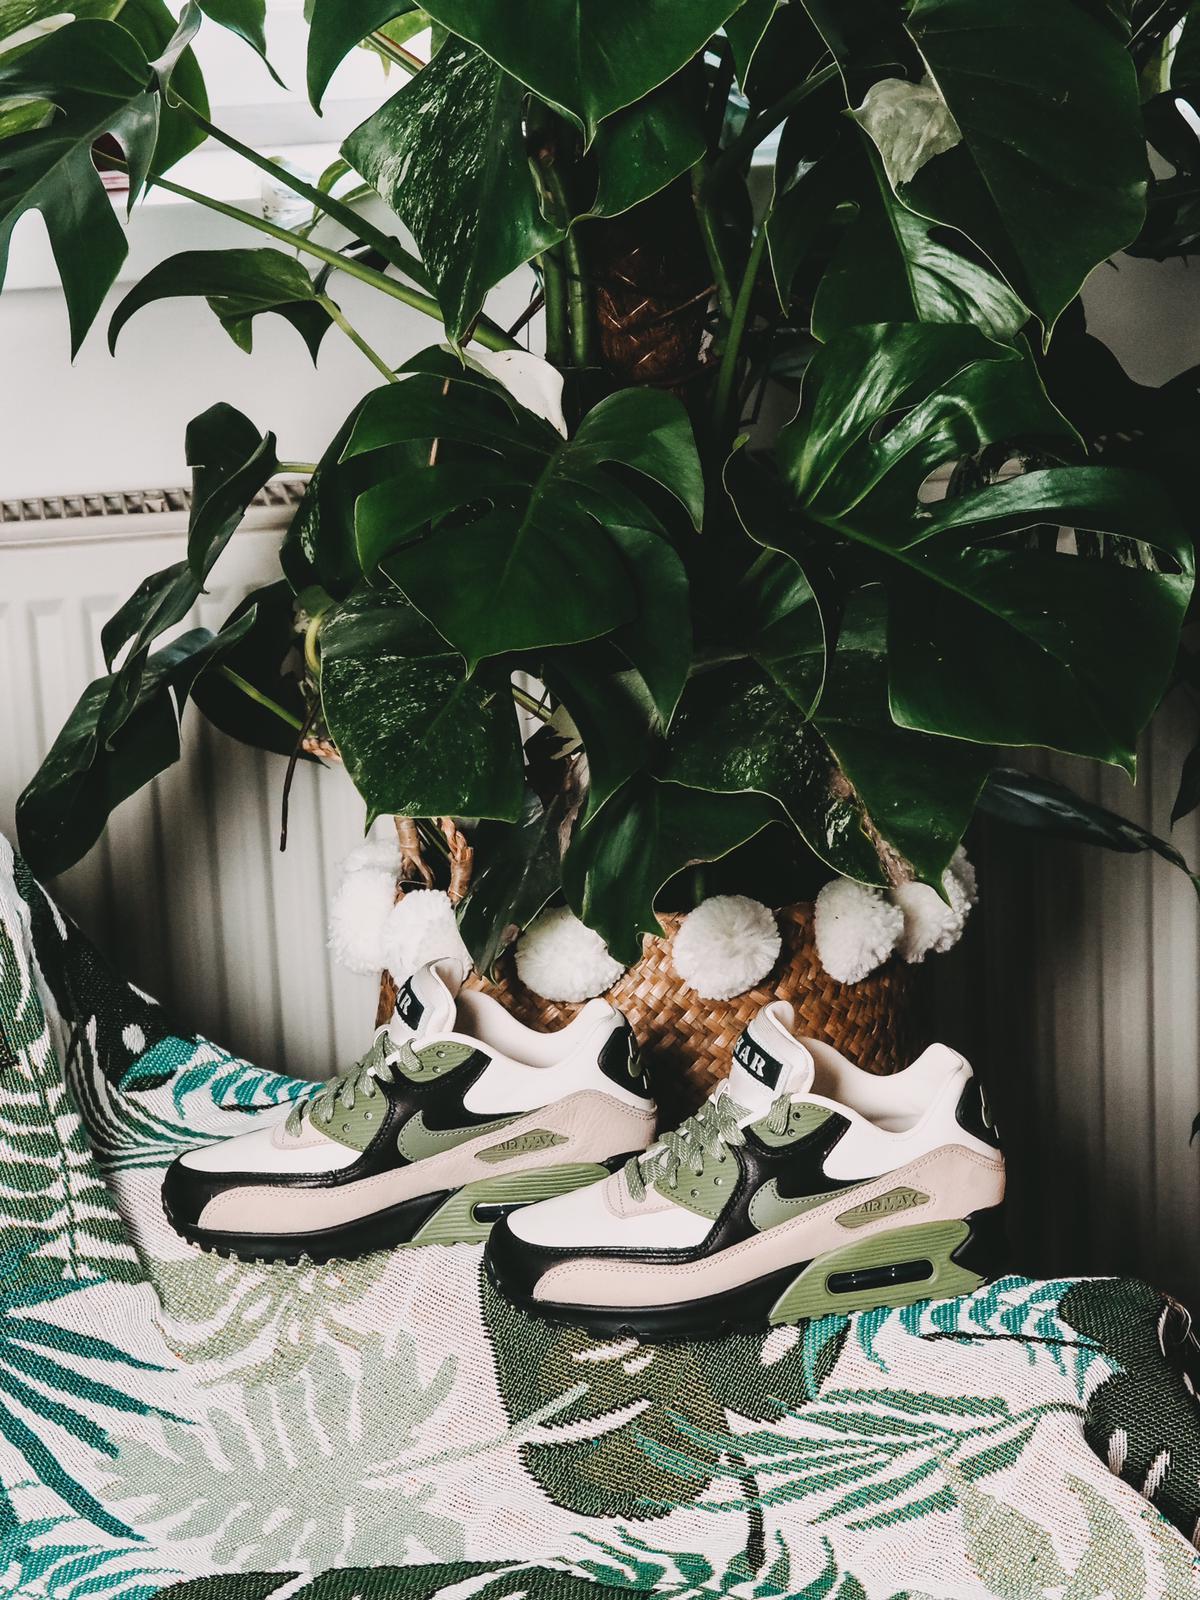 Perfektion eines Sneaker - der Nike Air Max 90 NRG Lahar Escape !